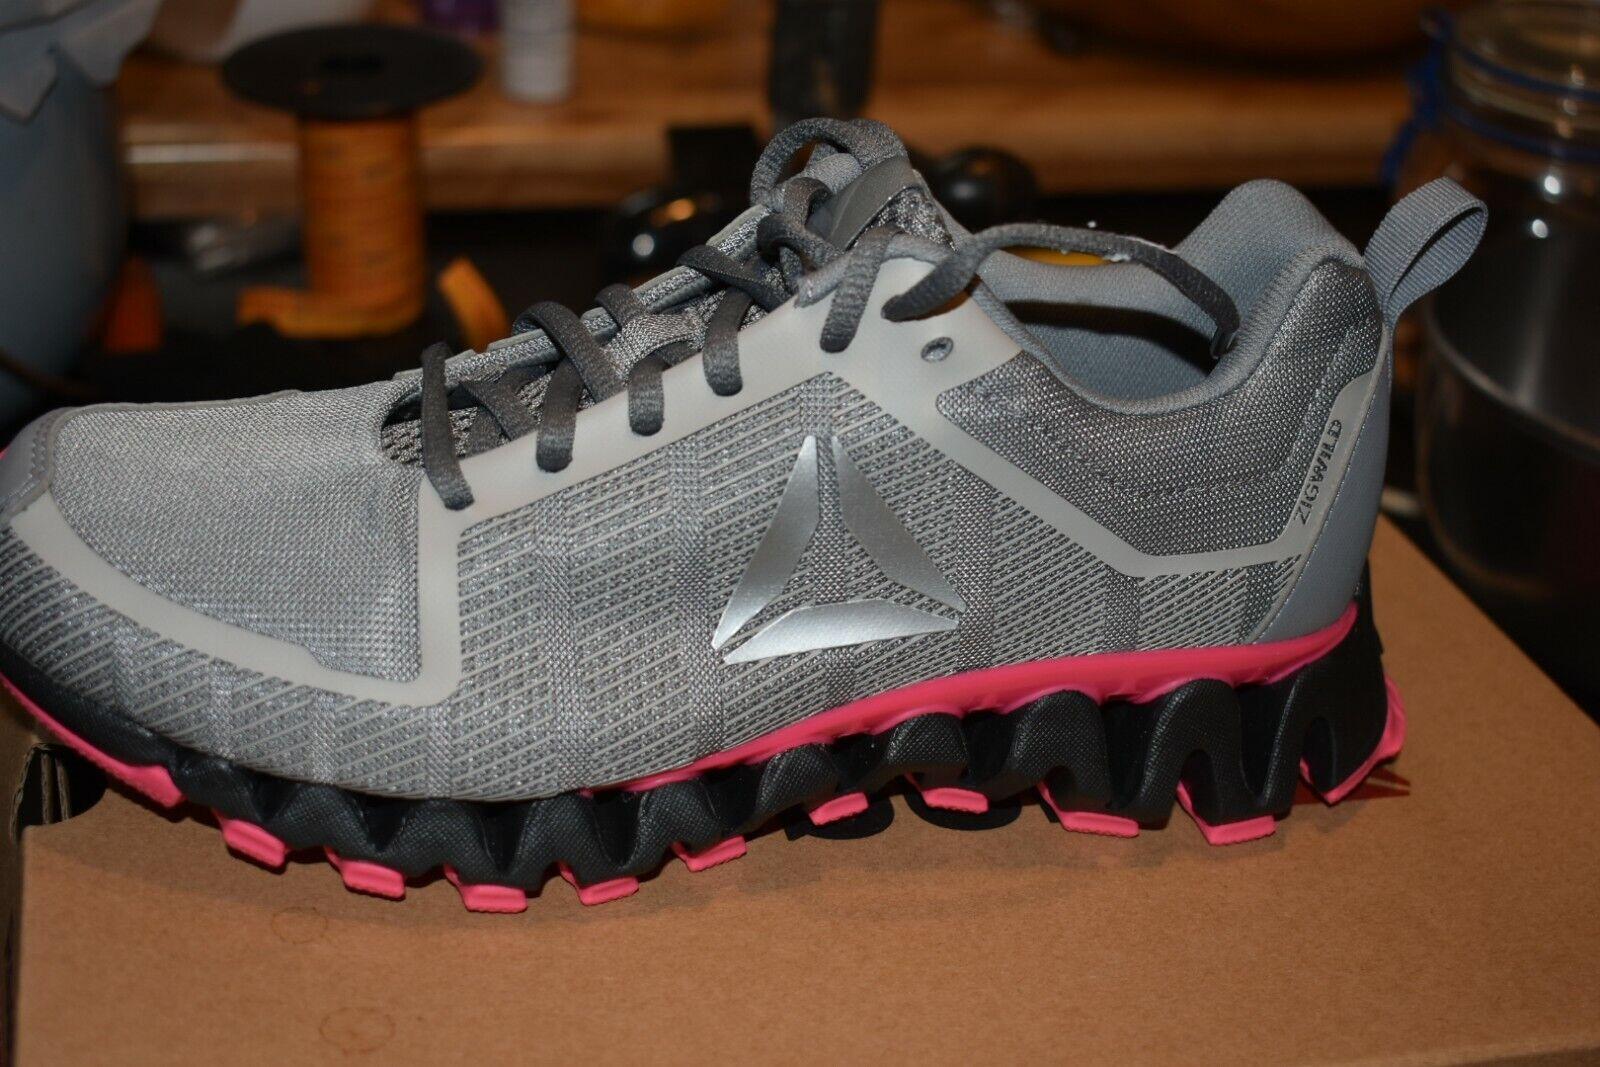 Reebok  Zig Tech Shark Women's Running shoes color STEEL  PINK Grey  fitness retailer